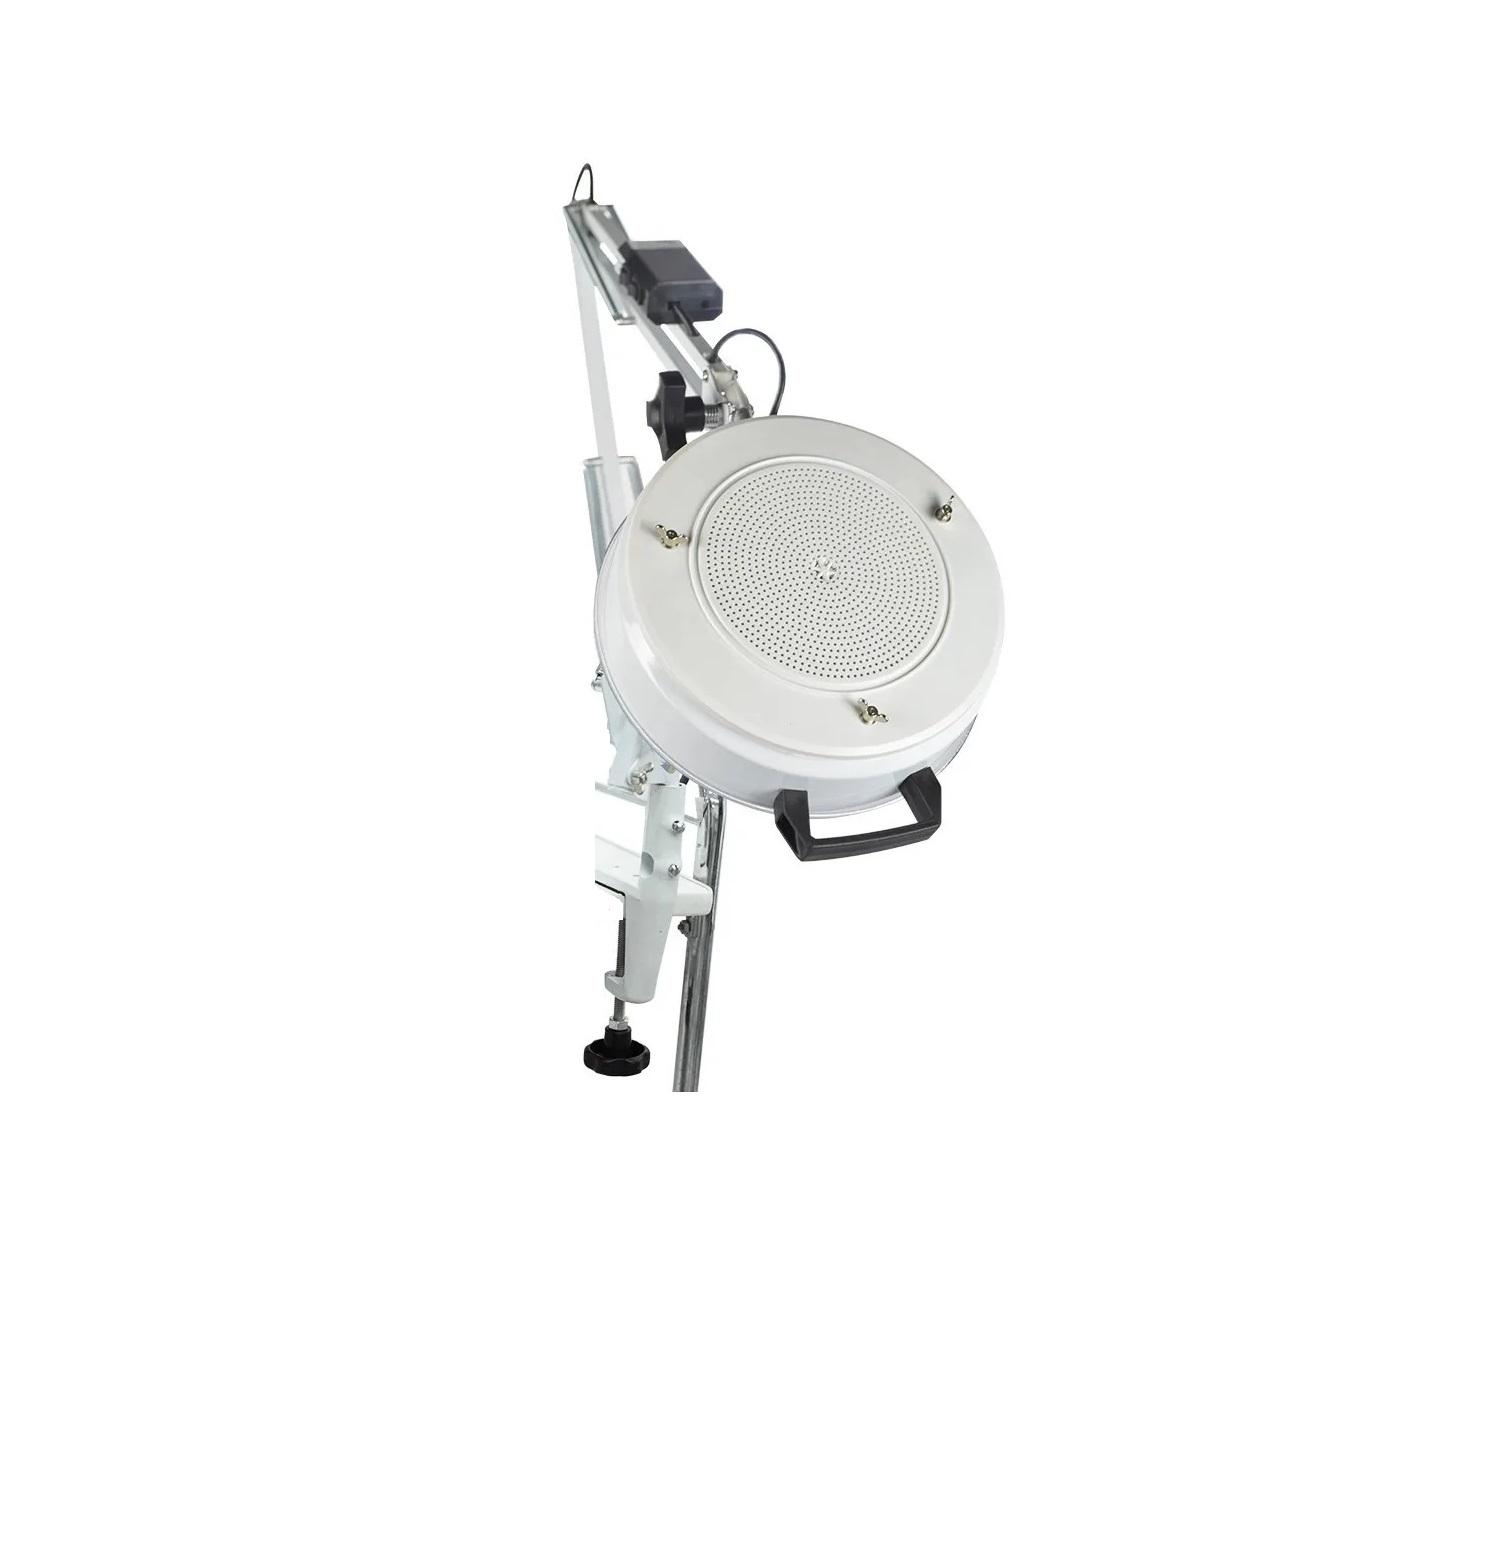 Kit Podologia Armário Com Exaustor Brinde Filtro Para Exaustor Fiscomed